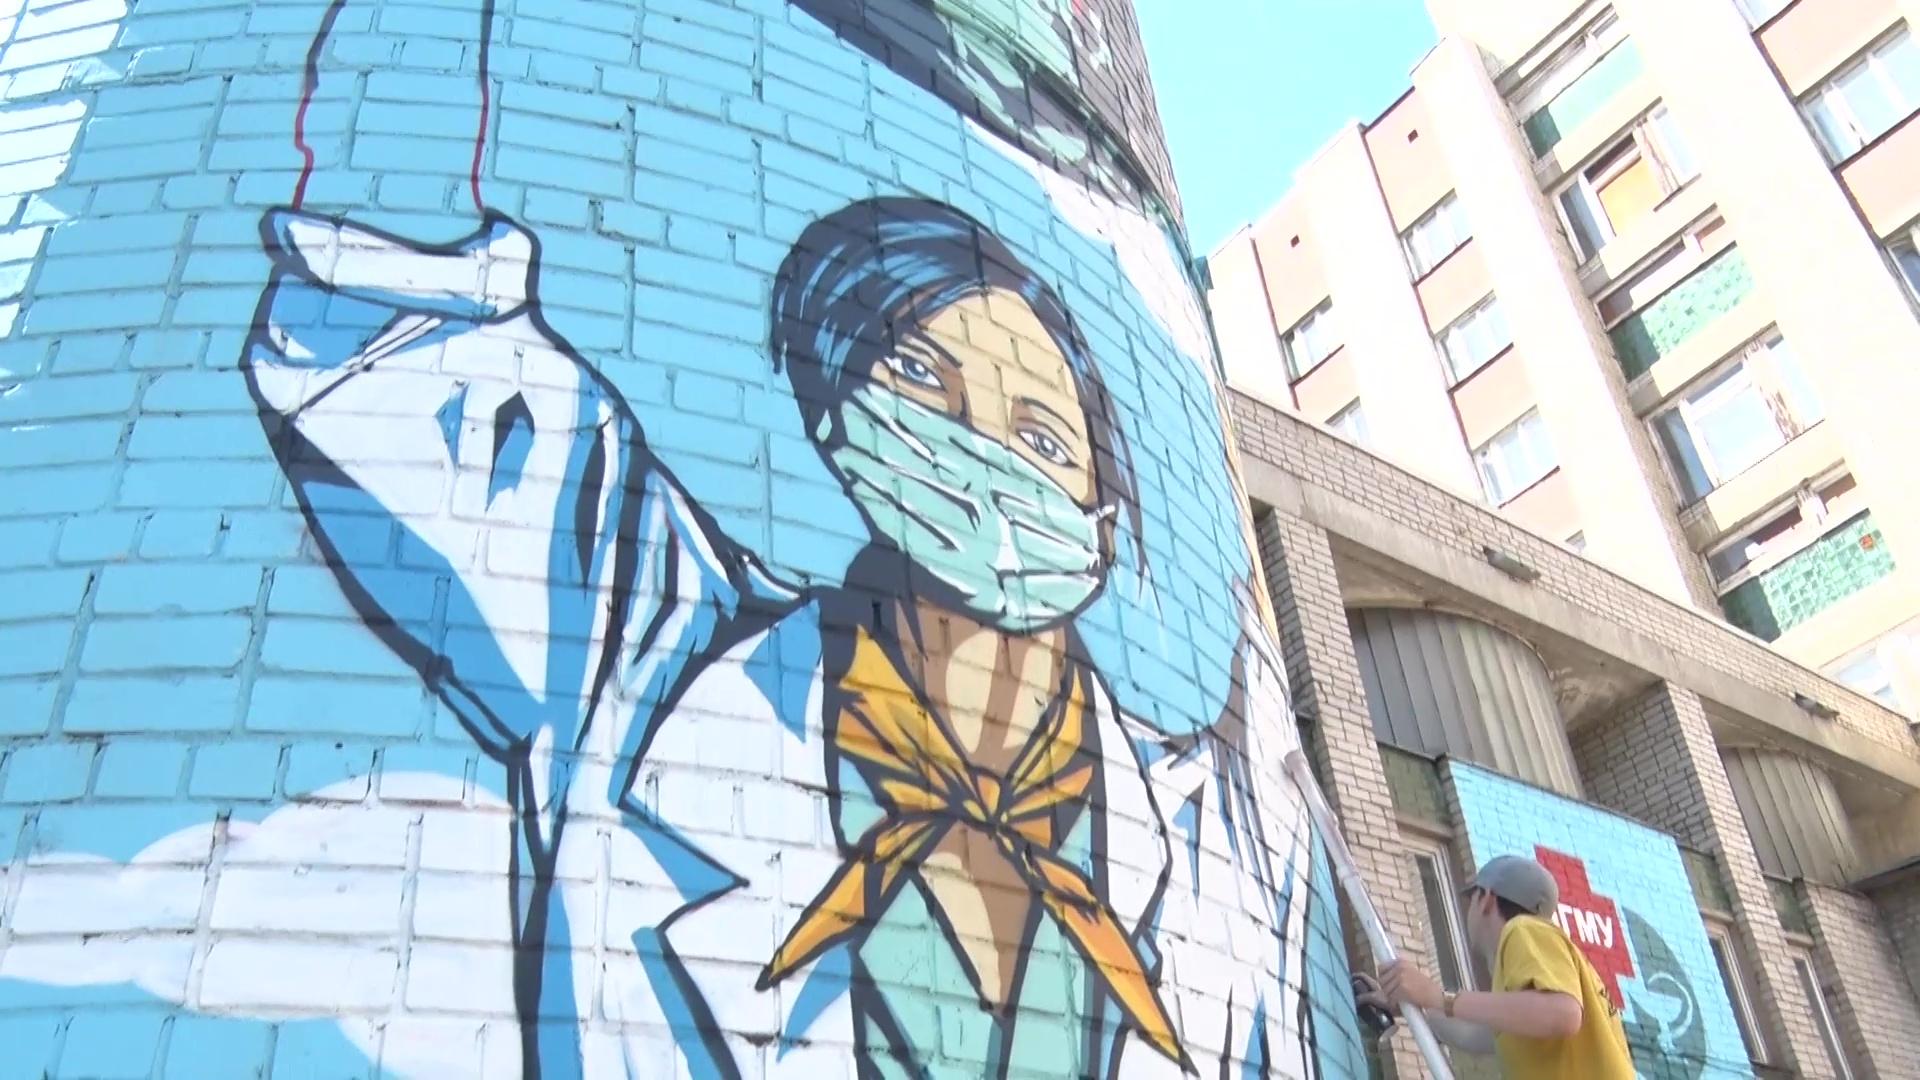 В Ярославле появилось восьмиметровое граффити с волонтером